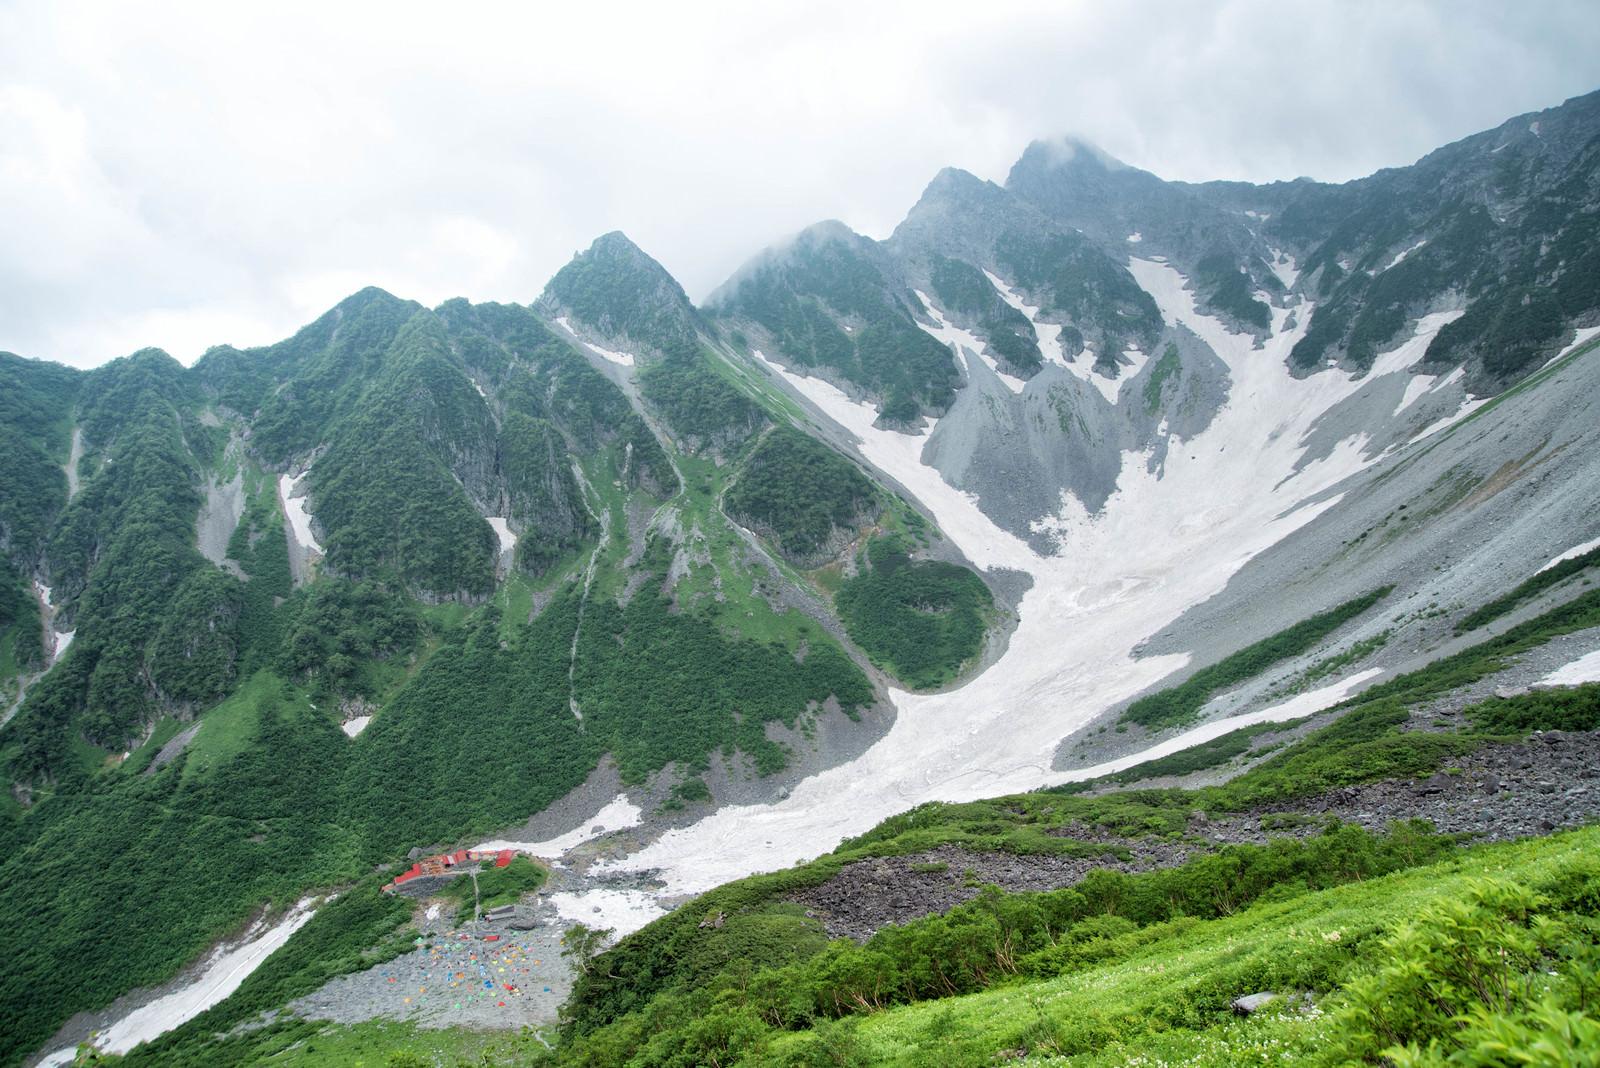 「涸沢カールと前穂高北尾根(北アルプス)」の写真